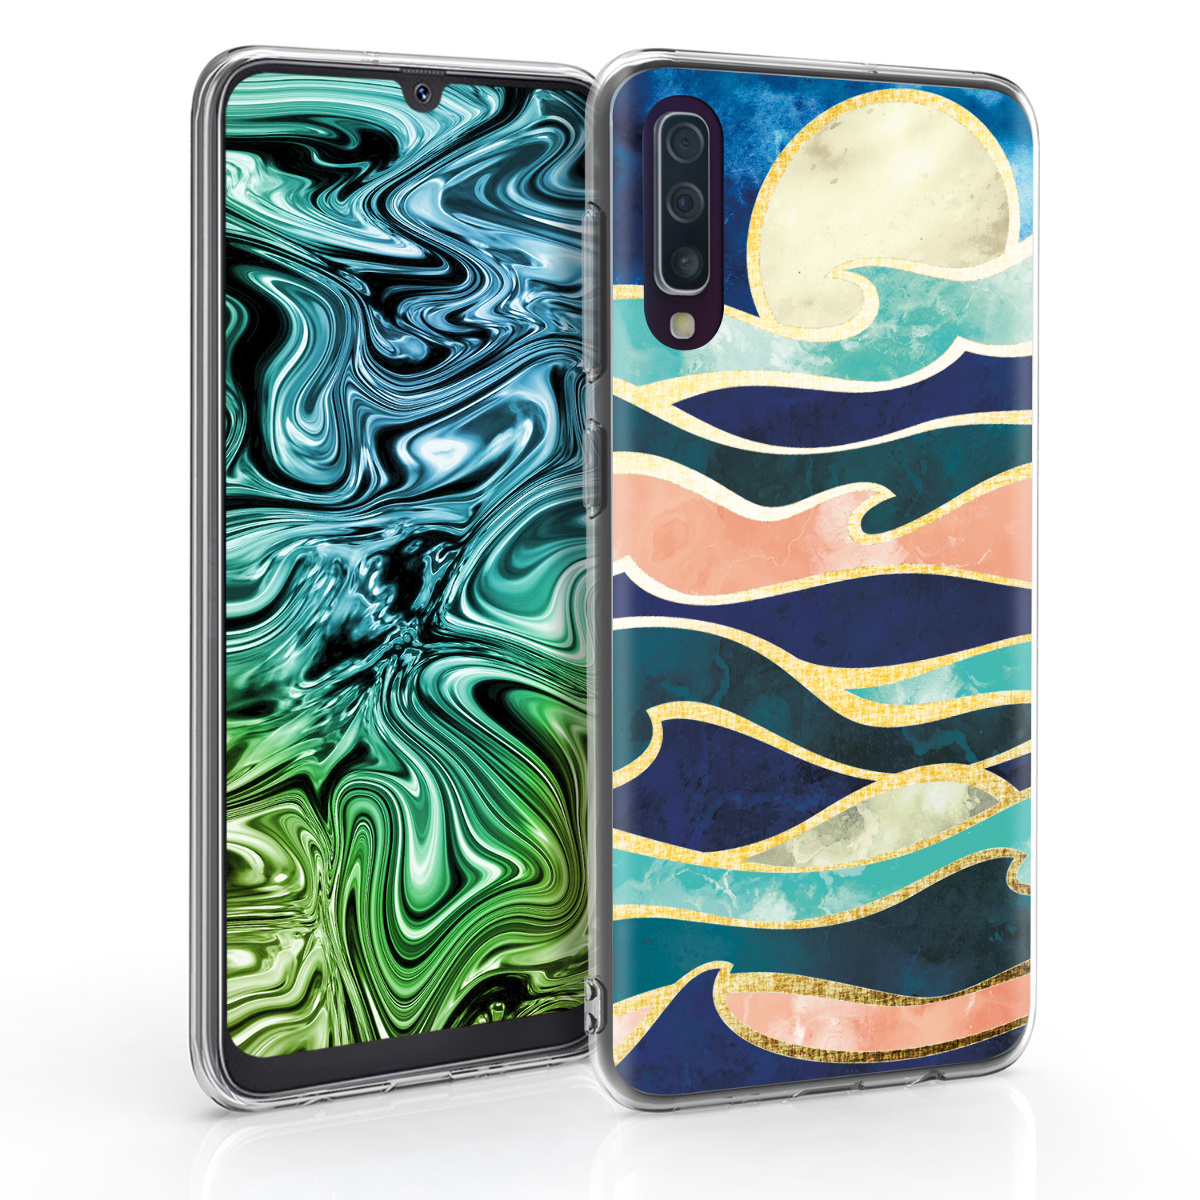 Kvalitní silikonové TPU pouzdro pro Samsung A50 - Měsíc a vlny tmavě modré / korálově oranžové / Gold